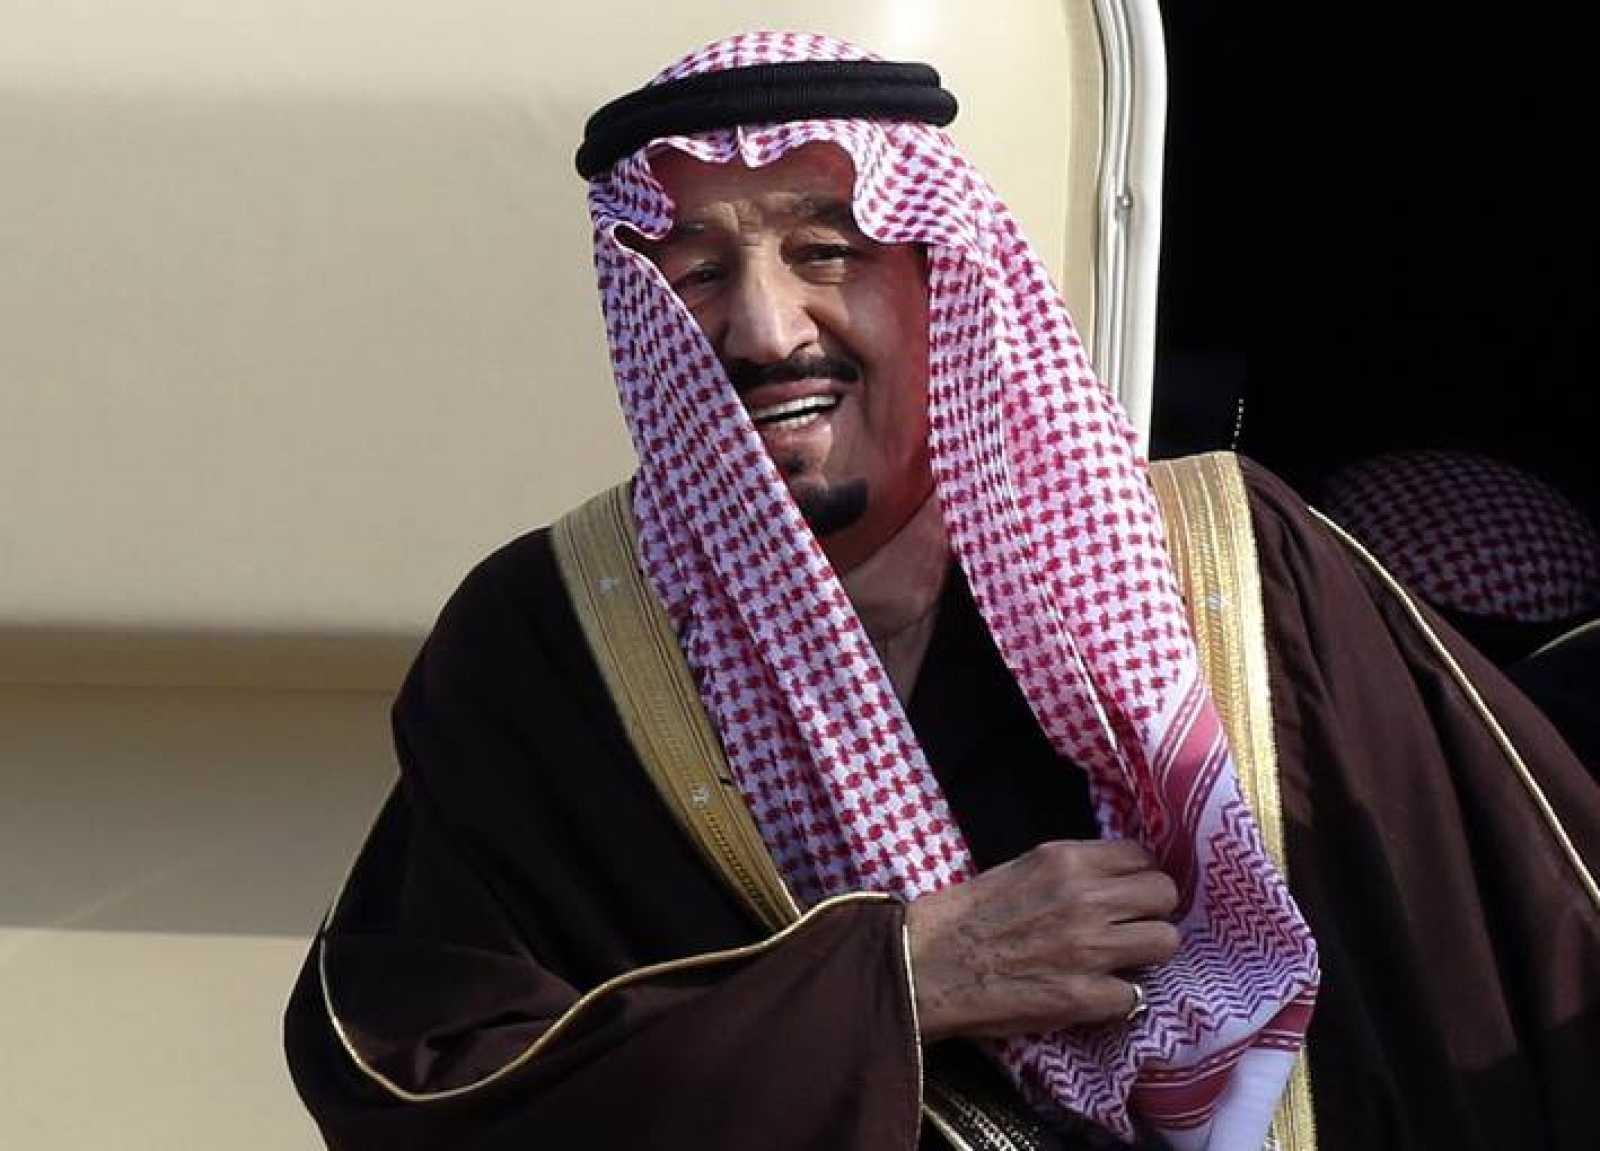 Imagen de archivo del rey Salman (entonces príncipe) en su llegada al aeropuerto de Haneda, en Tokio.